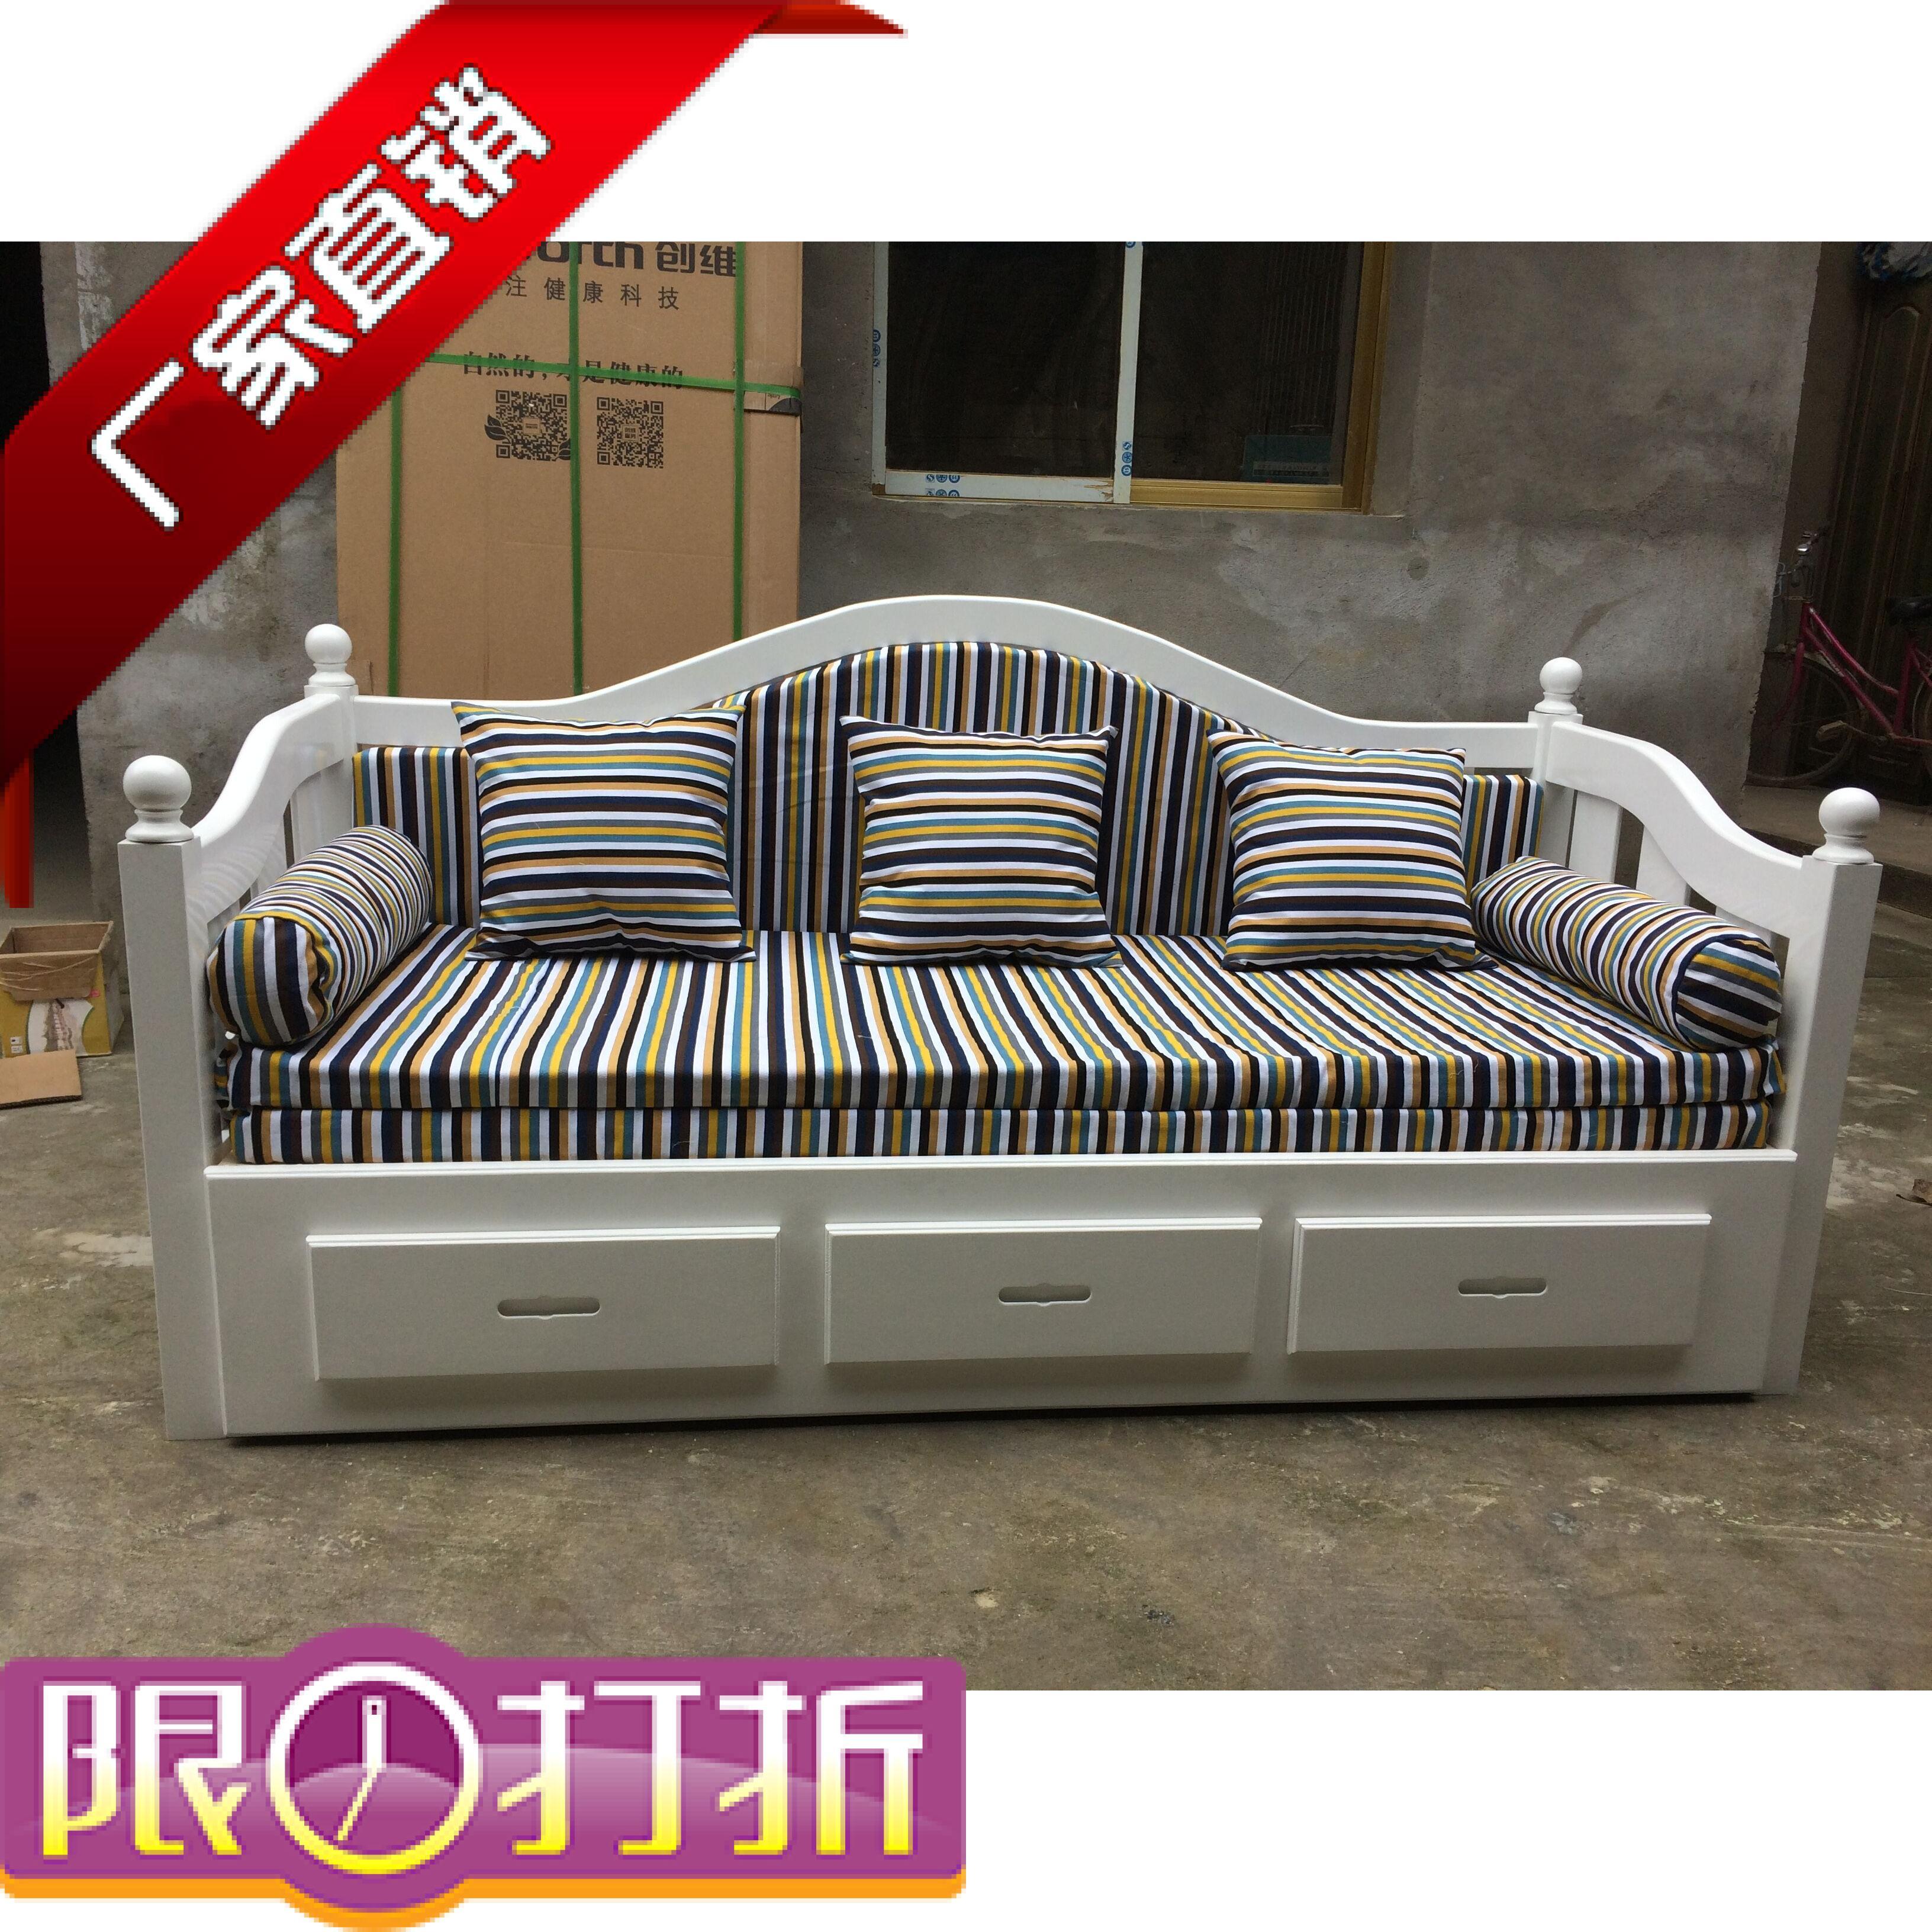 Εθνικό τσάντα αλληλογραφία χρονικά περιορισμένη πωλήσεων μπουτίκ καναπέ κρεβάτι πεύκο Ευρωπαϊκή συρόμενο αποθήκευση 1.21.51.8 κατά παραγγελία